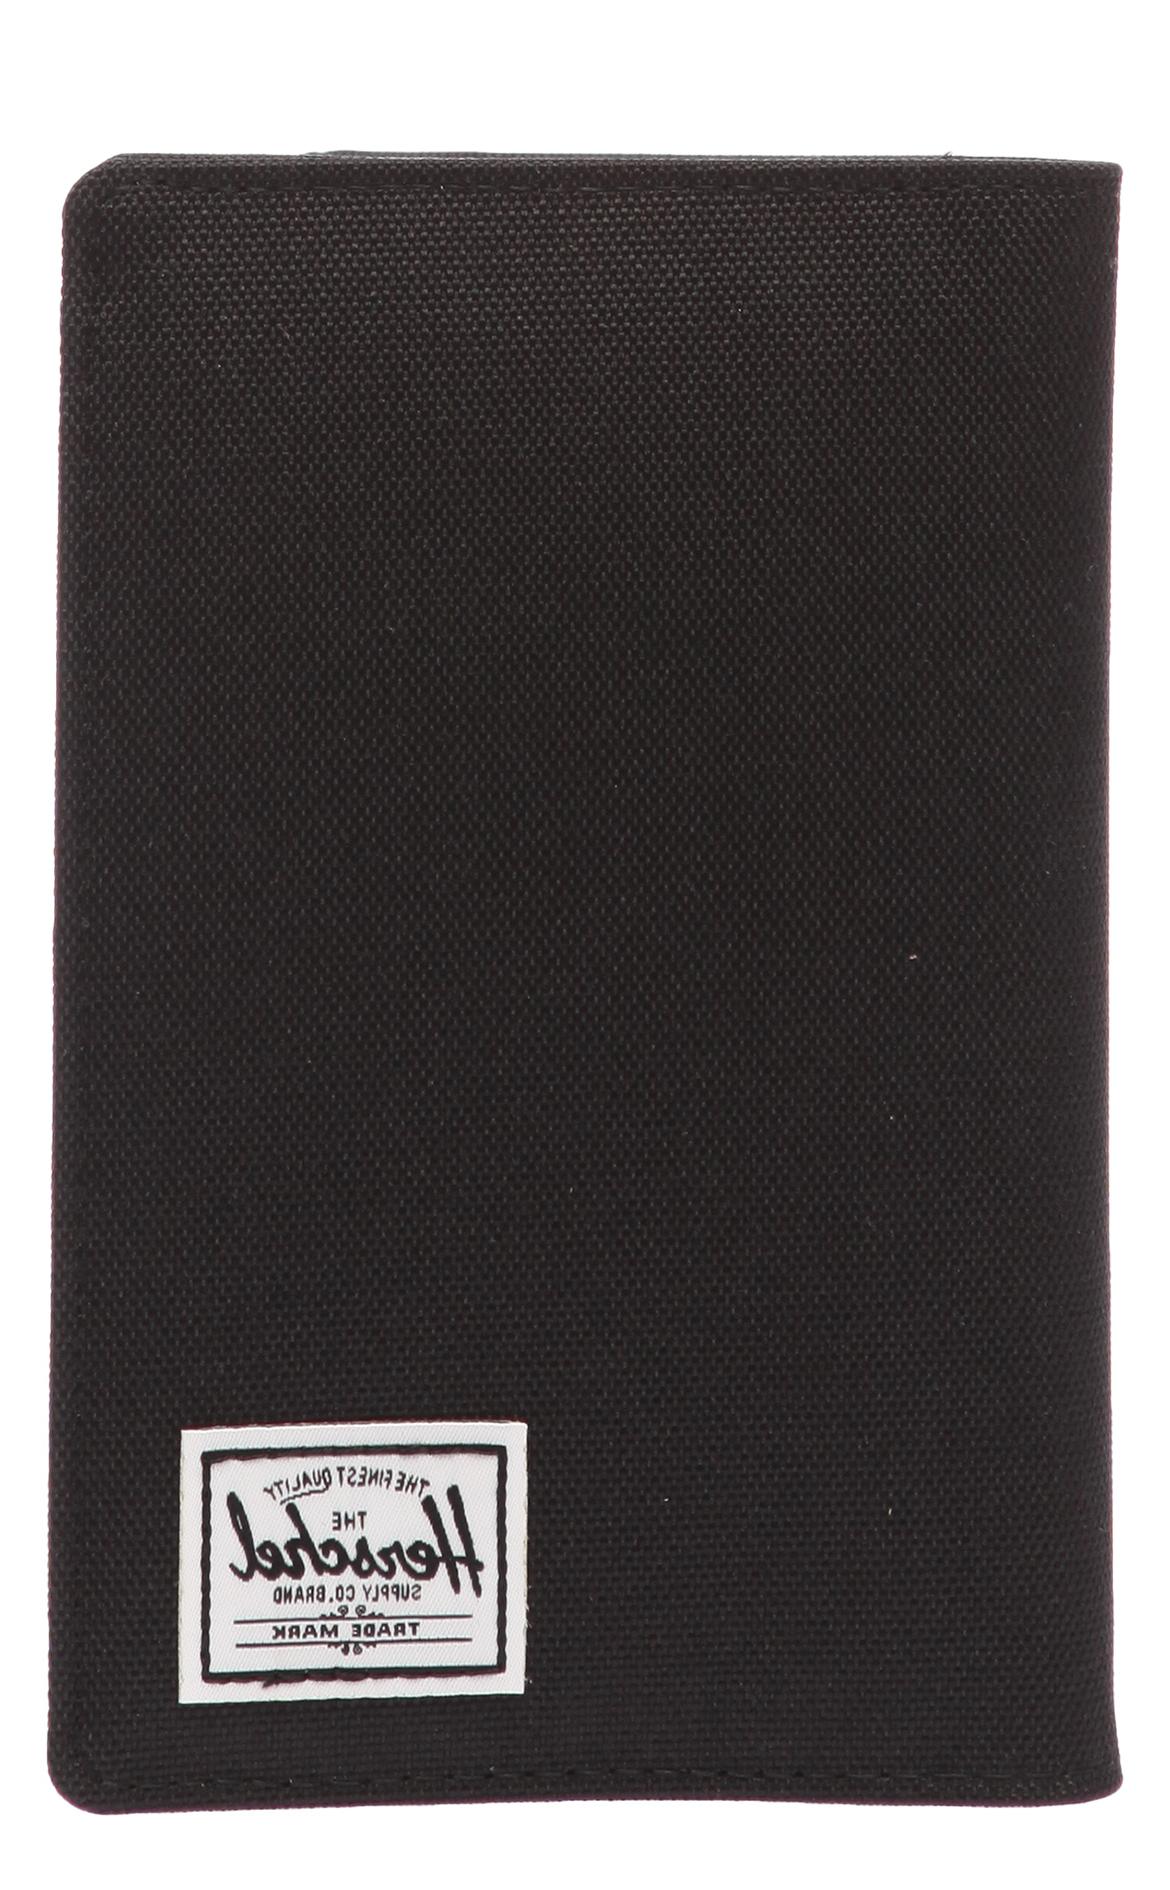 Brand Store | En Sevdiğiniz Markalar, En Sevdiğiniz Mağazalar For Kilian Black 49 Inch Tv Stands (View 3 of 20)